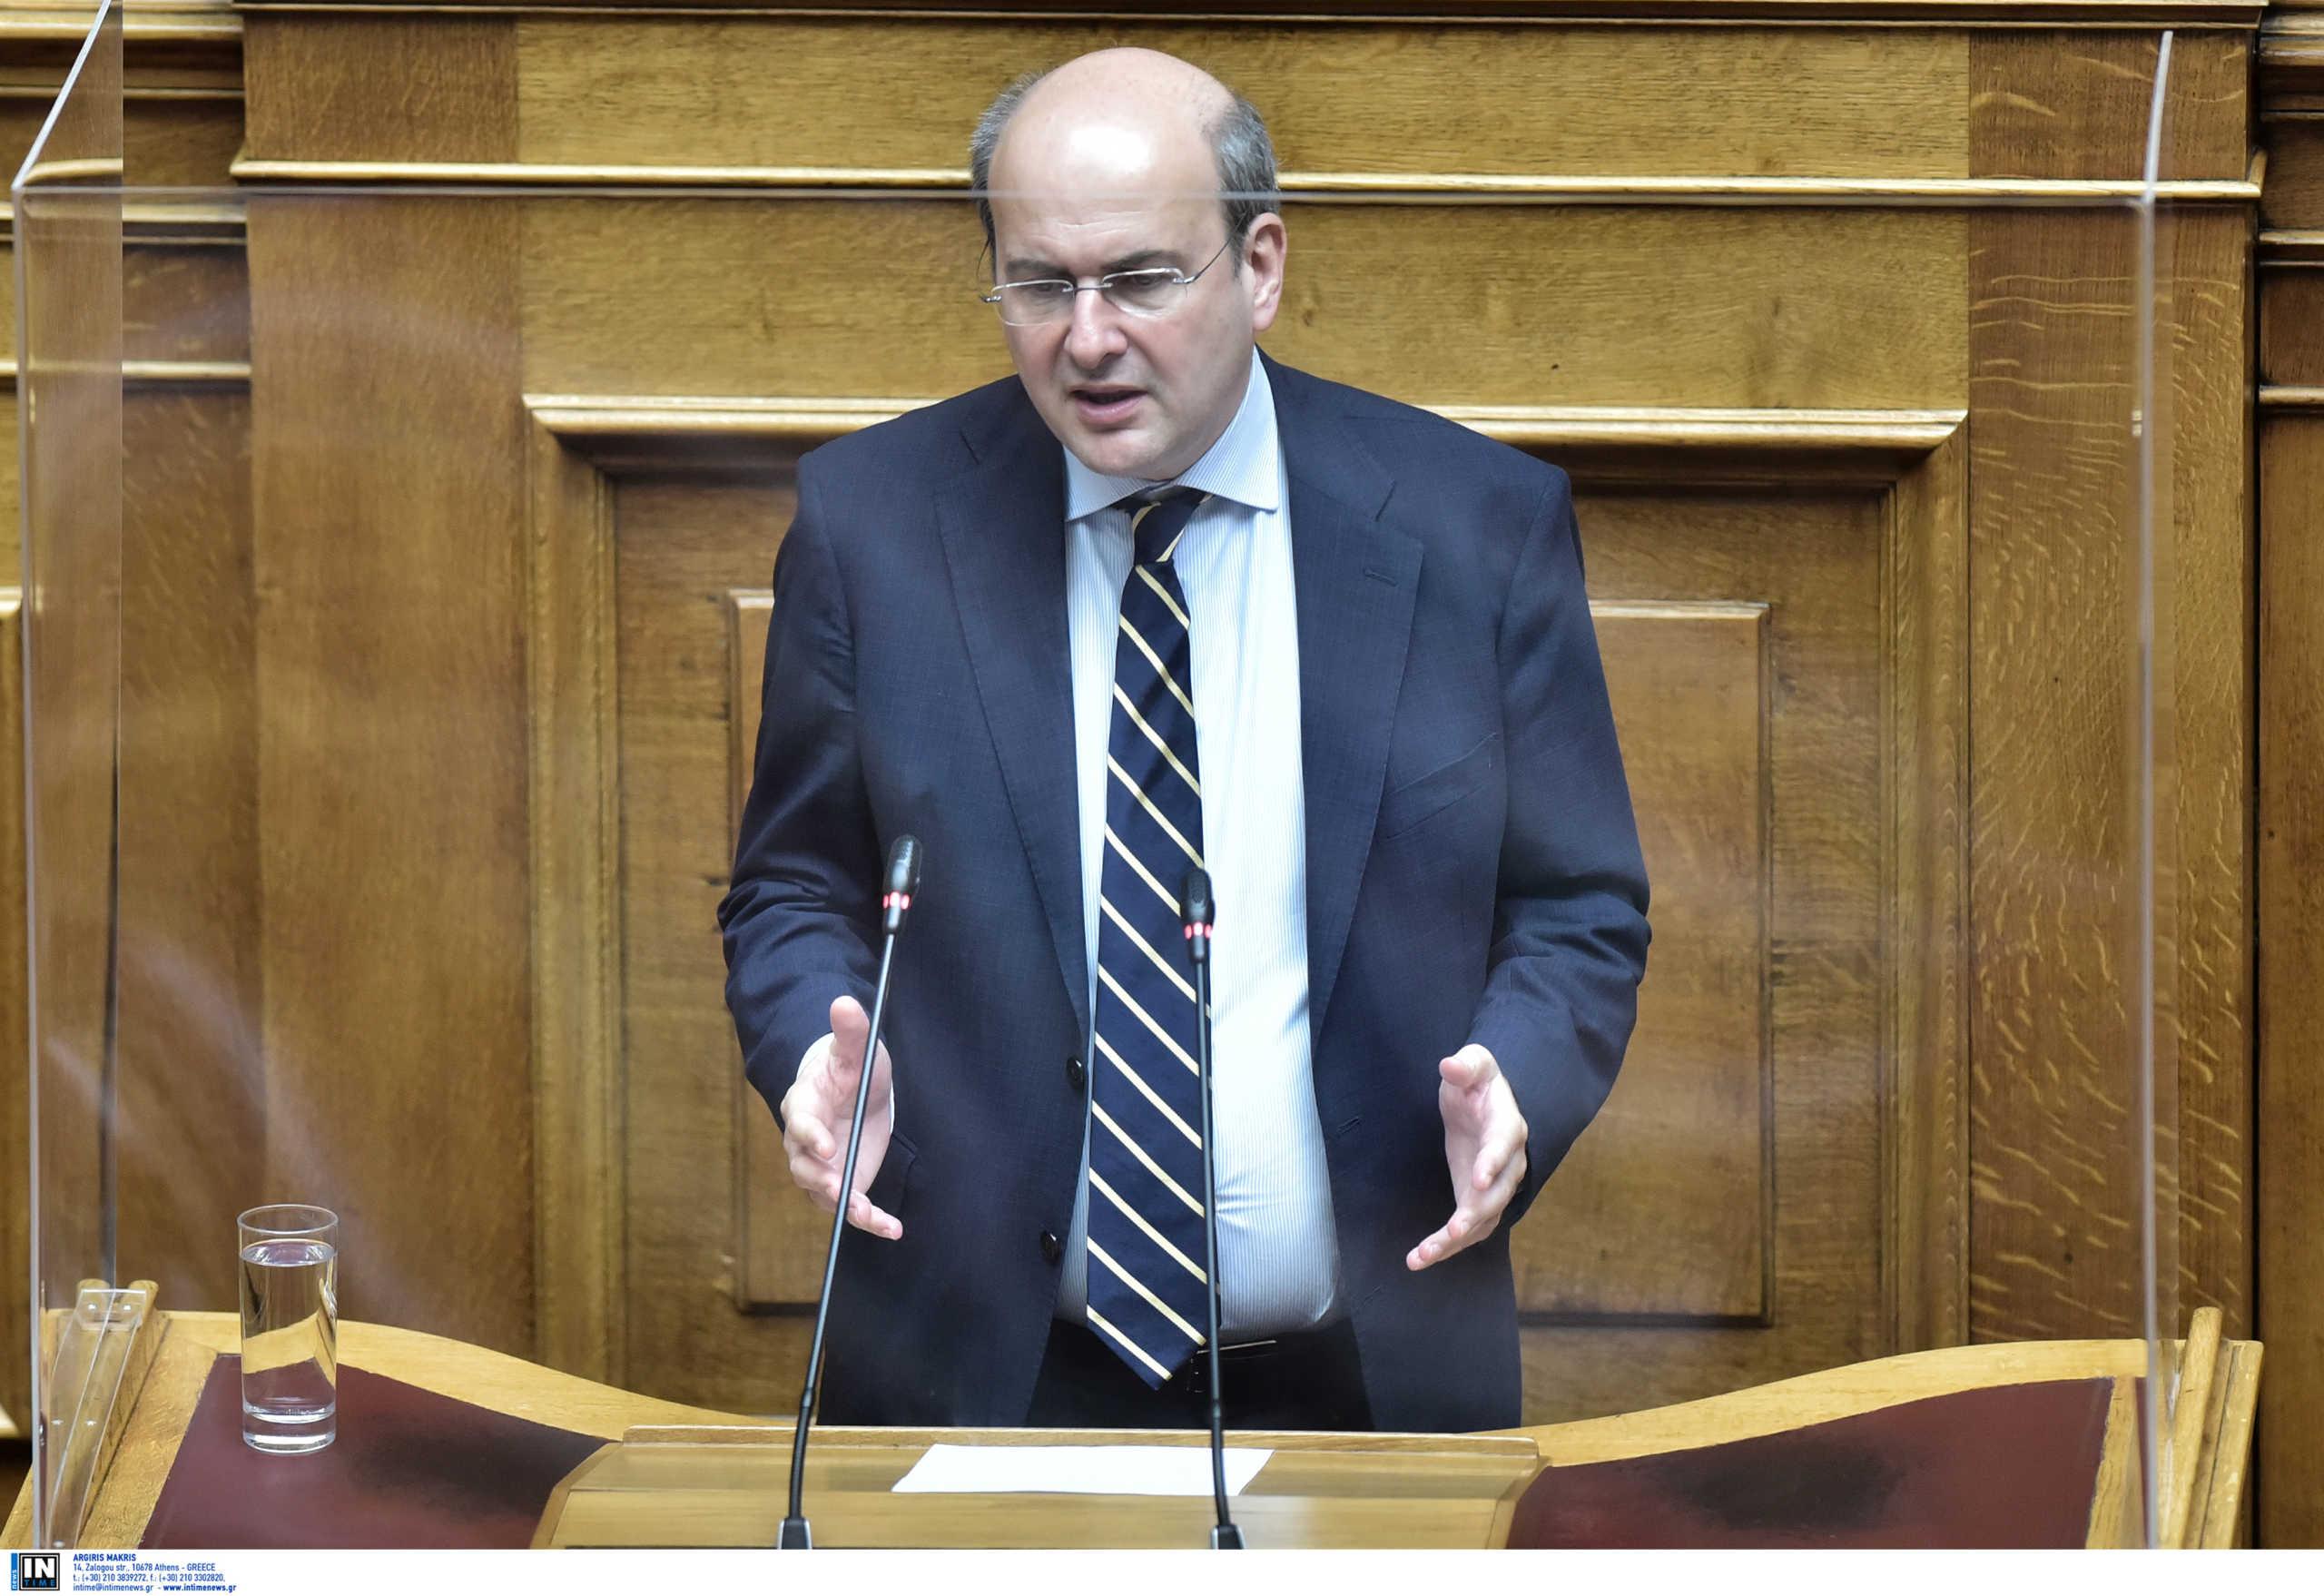 Χατζηδάκης: «Βιομηχανία ψεμάτων και fake news» οι δηλώσεις Τσίπρα για τις εκκρεμείς συντάξεις